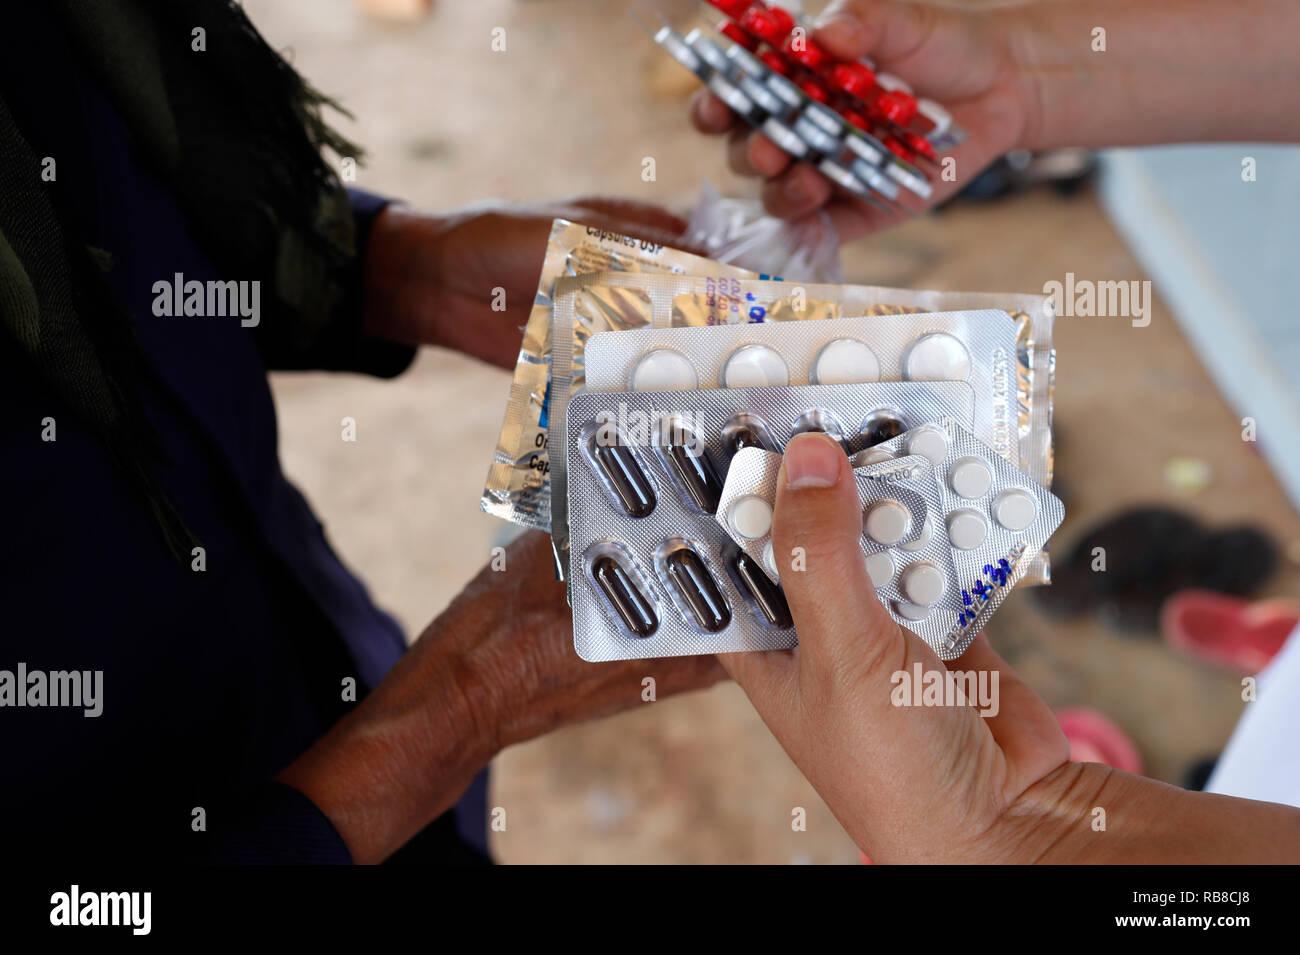 Freie Gesundheit Klinik laufen durch die Franziskaner Missionsschwestern von Maria. Medikation. Dalat. Vietnam. Stockbild